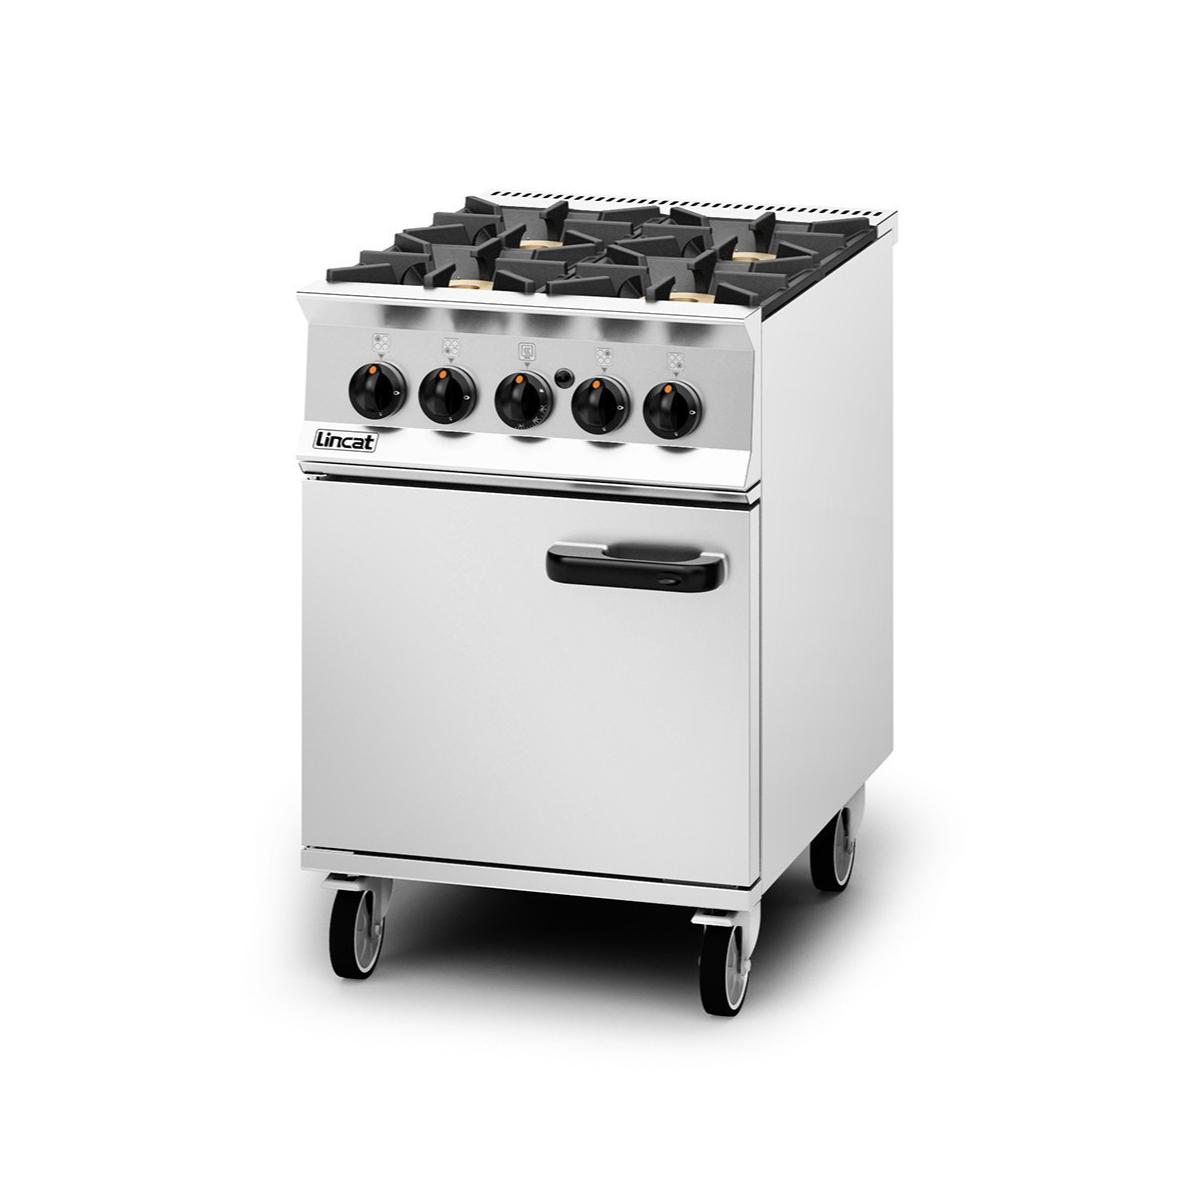 Lincat Opus 800 – 4 Burner Gas Oven Range Model: OG8001/P (Propane)